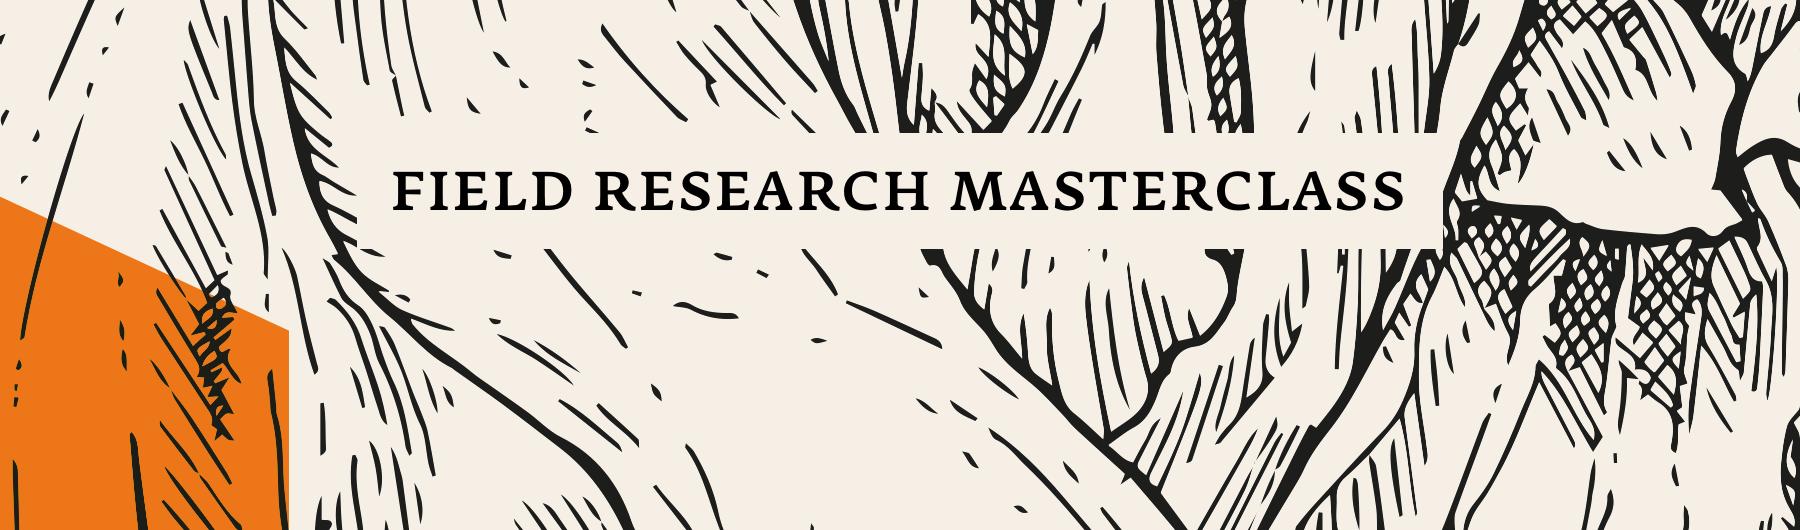 April 23, Field Research Masterclass, Jakarta